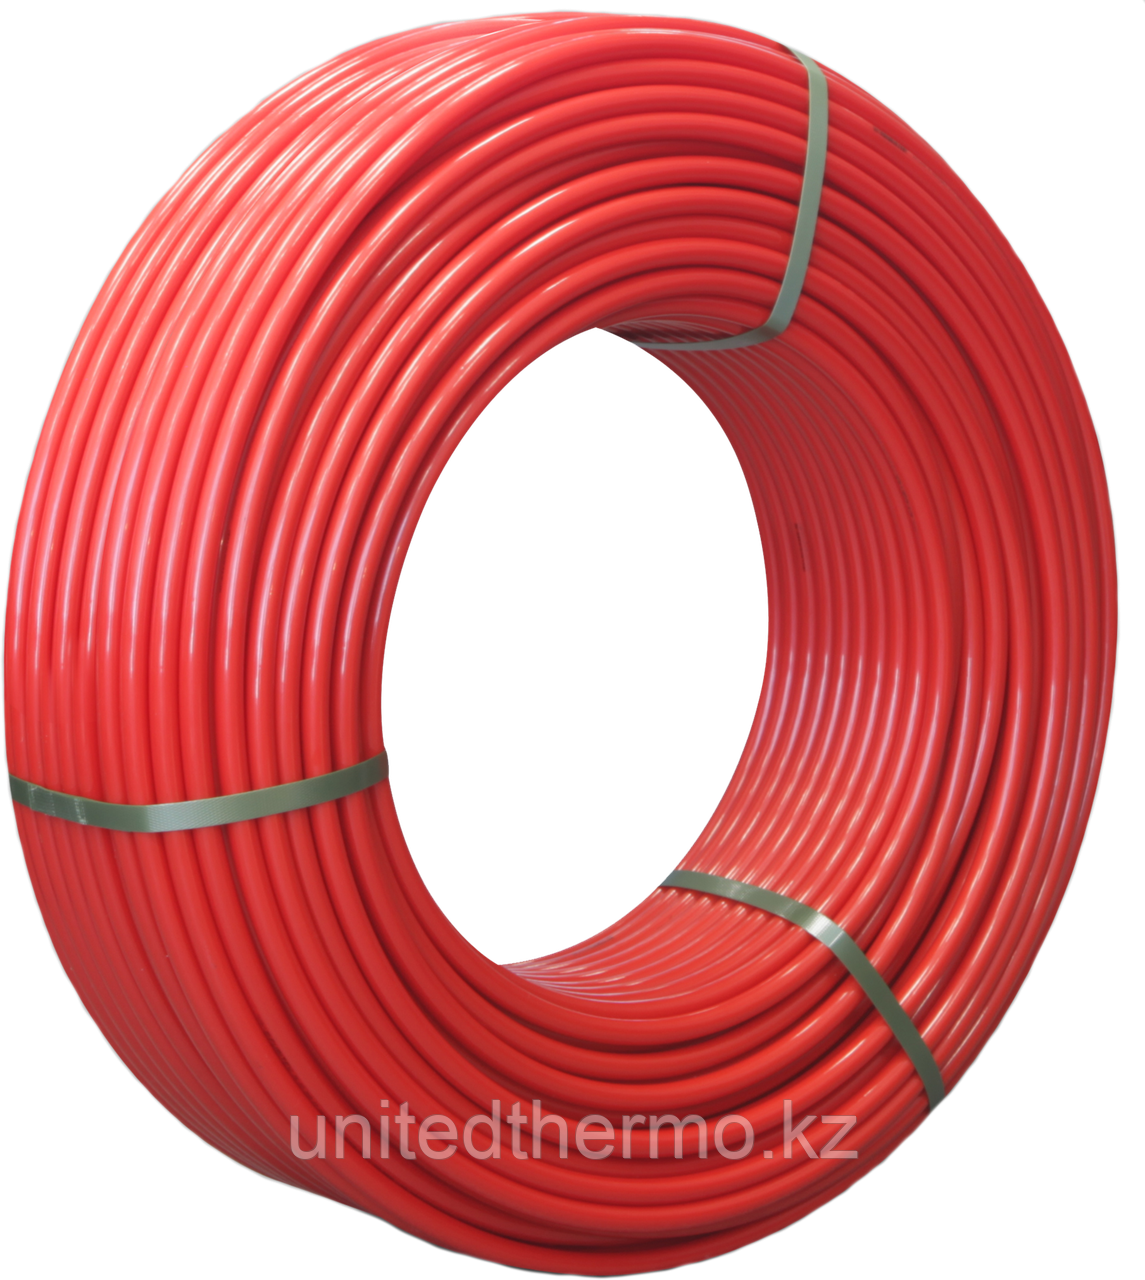 Труба 16x2.0 мм для теплого пола Varmega PE-RT/EVOH многослойная, цвет красный VM30301